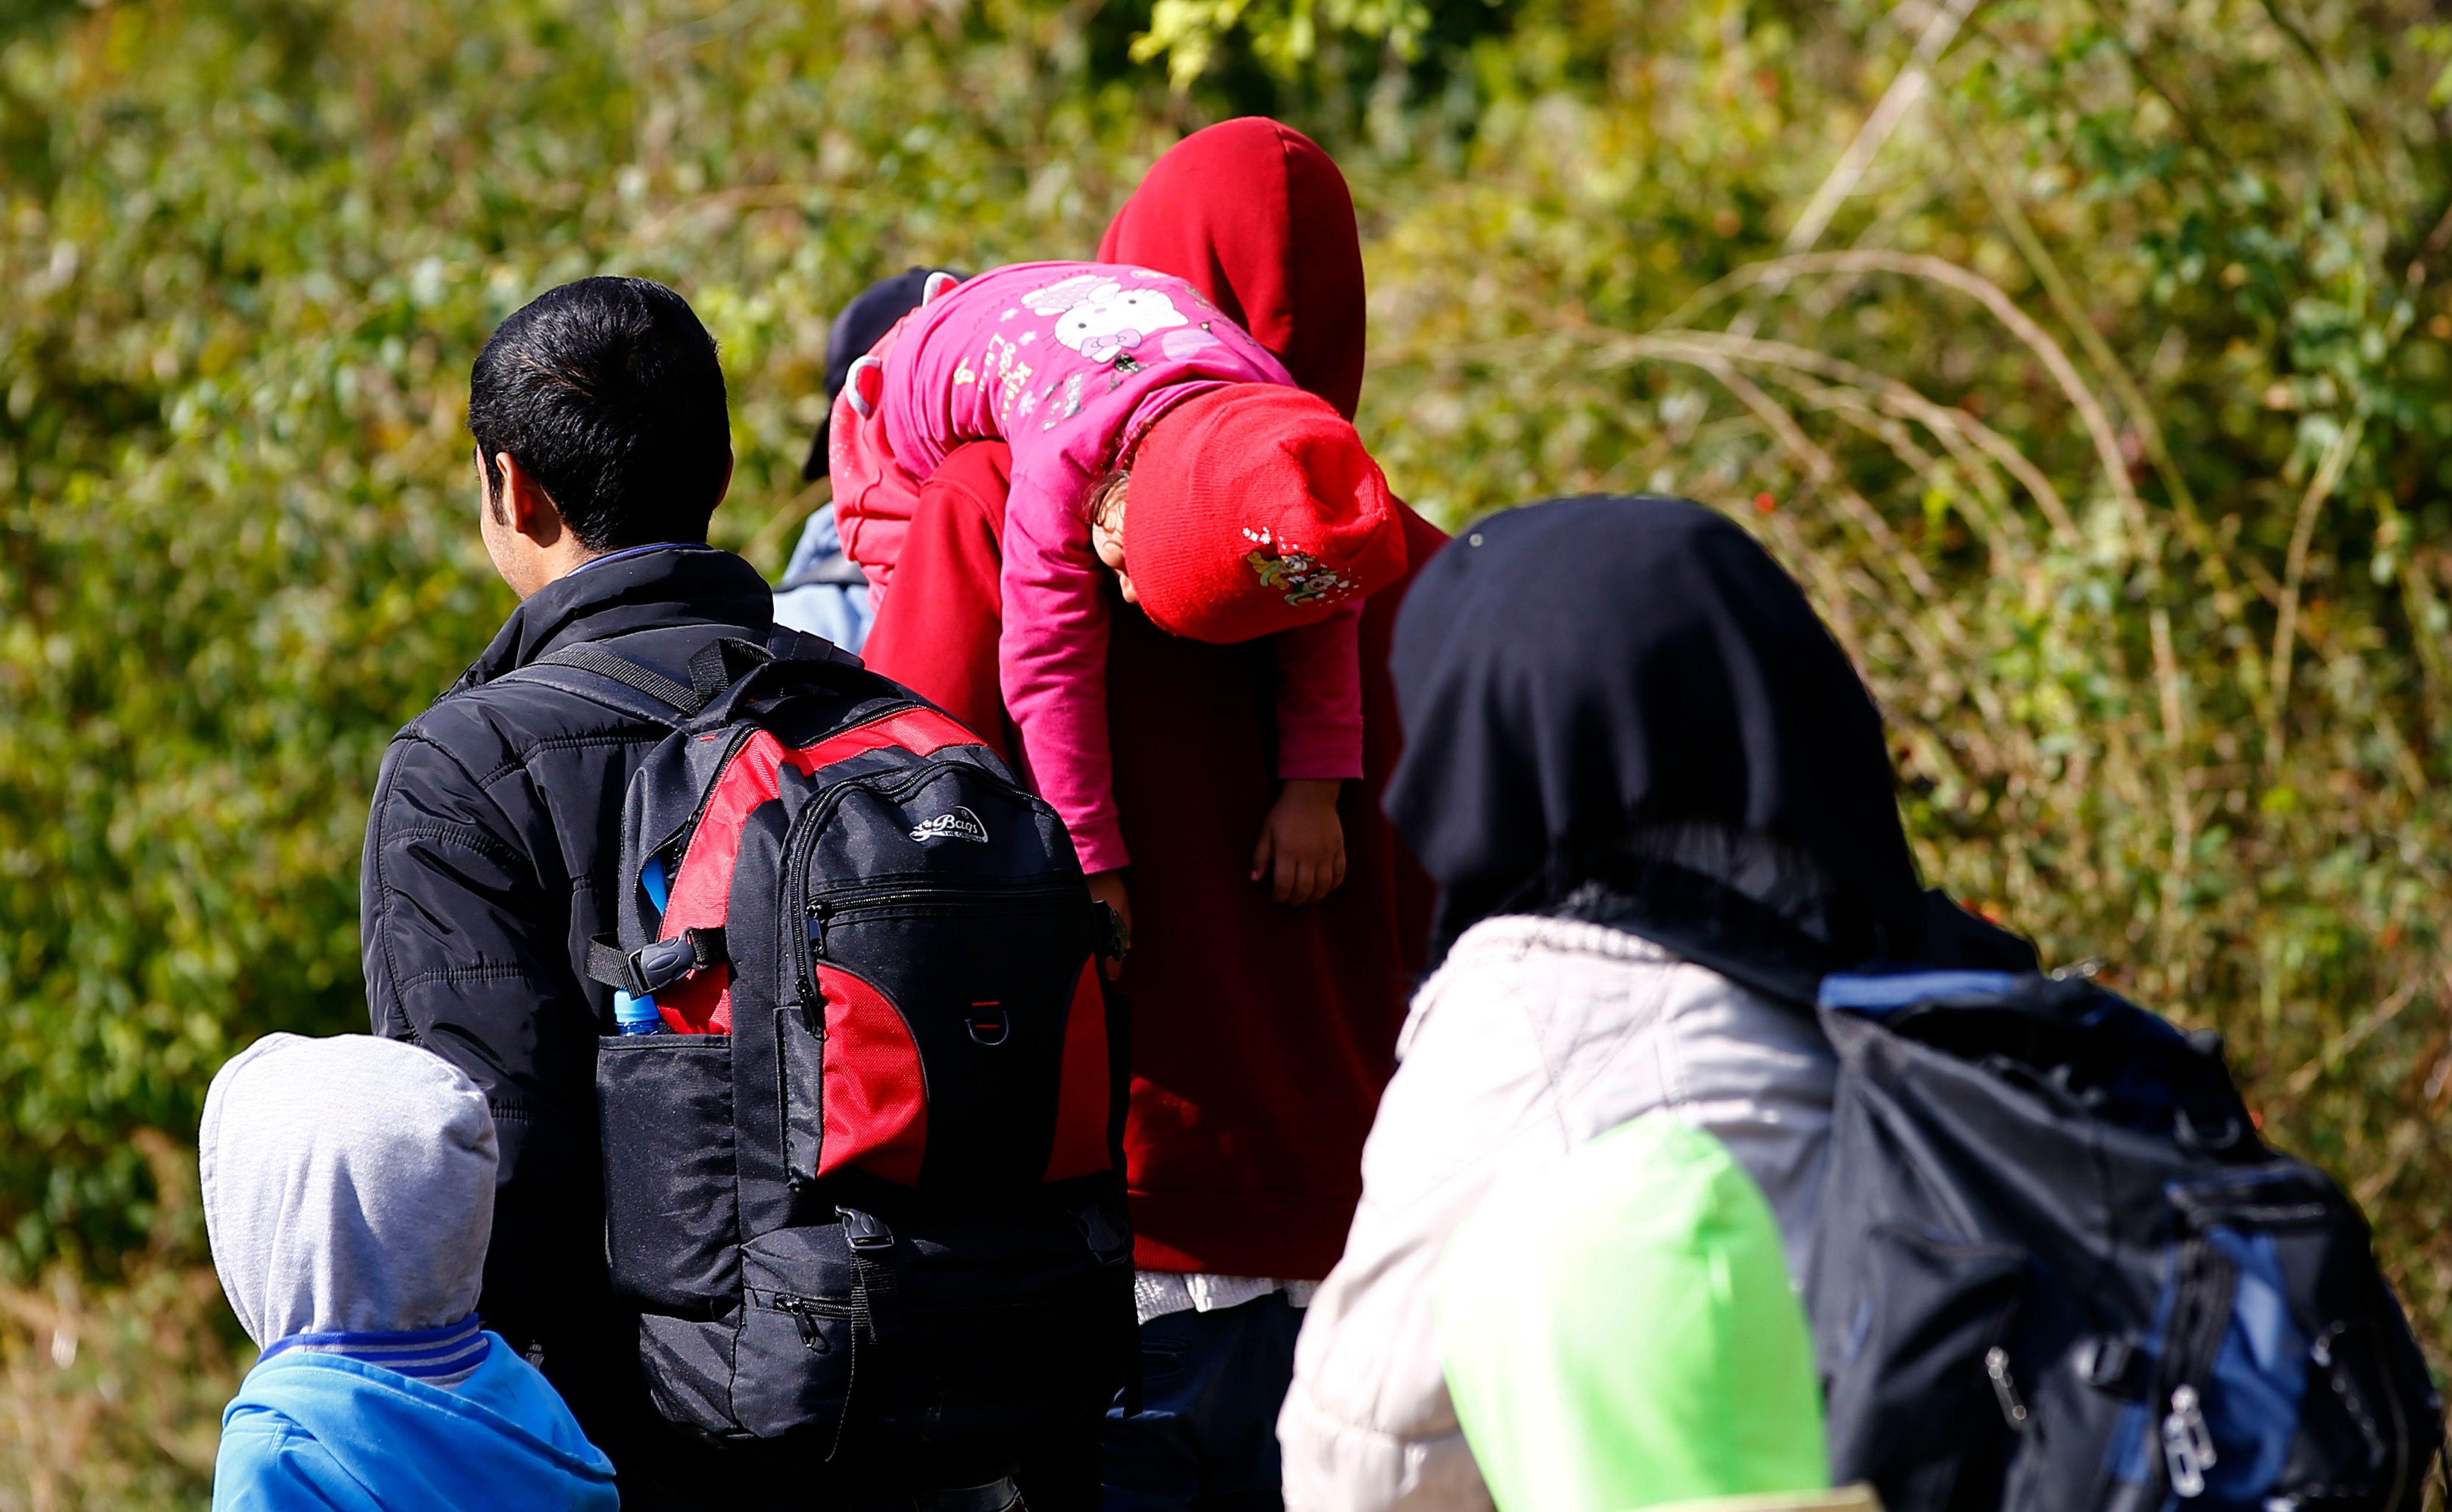 Migrants et intégration des étrangers : où en est la France après 9 mois de crise aiguë ?